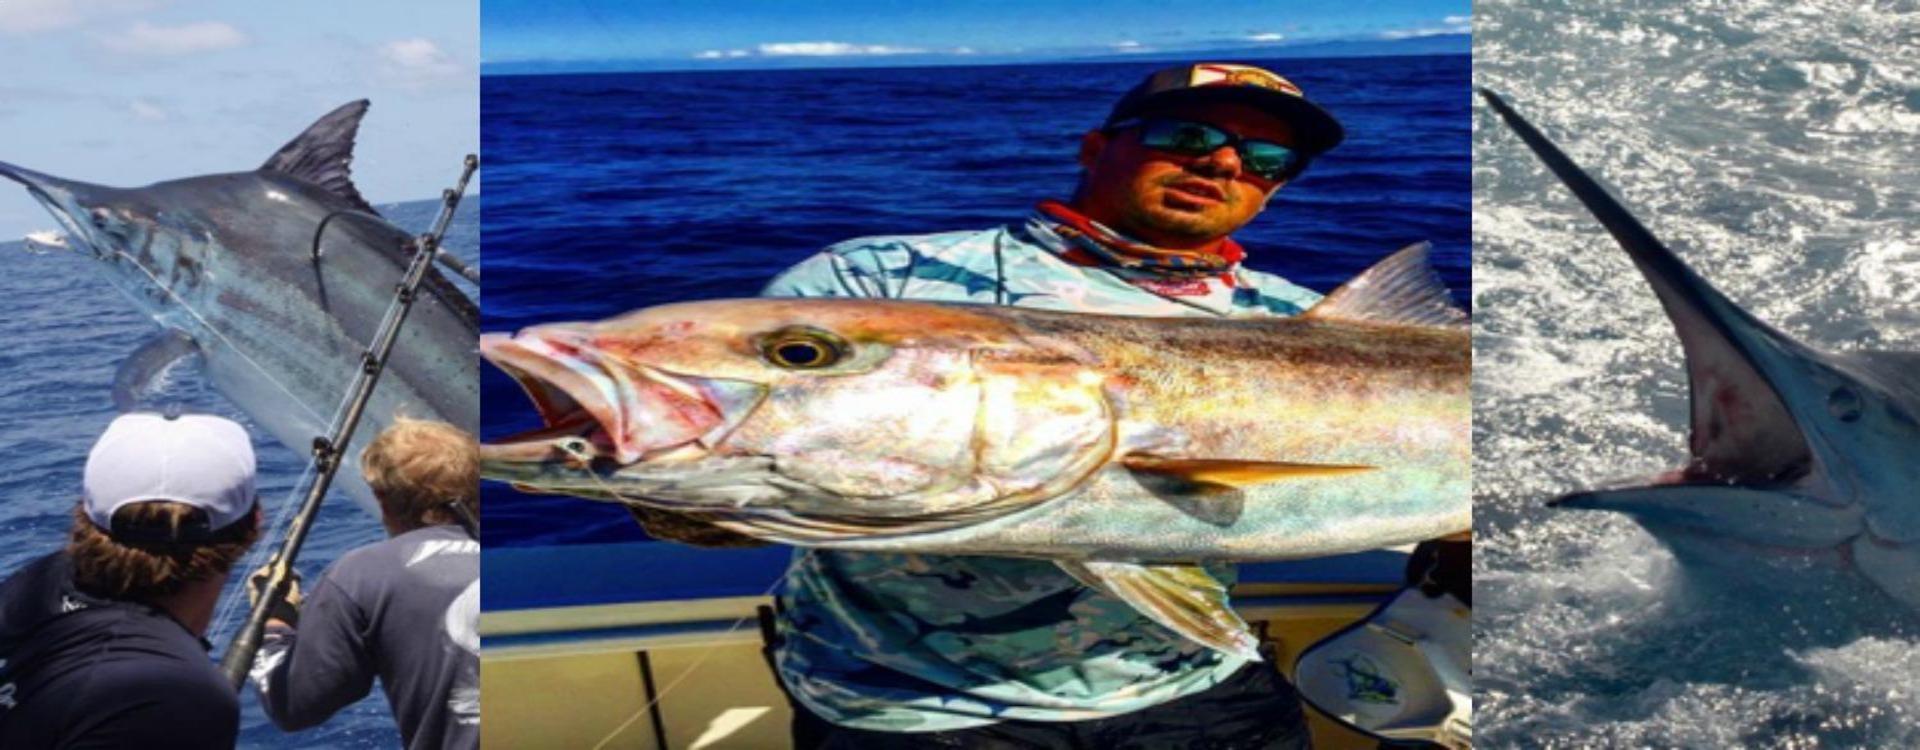 Freshwater fish kauai - Kauai Fleet